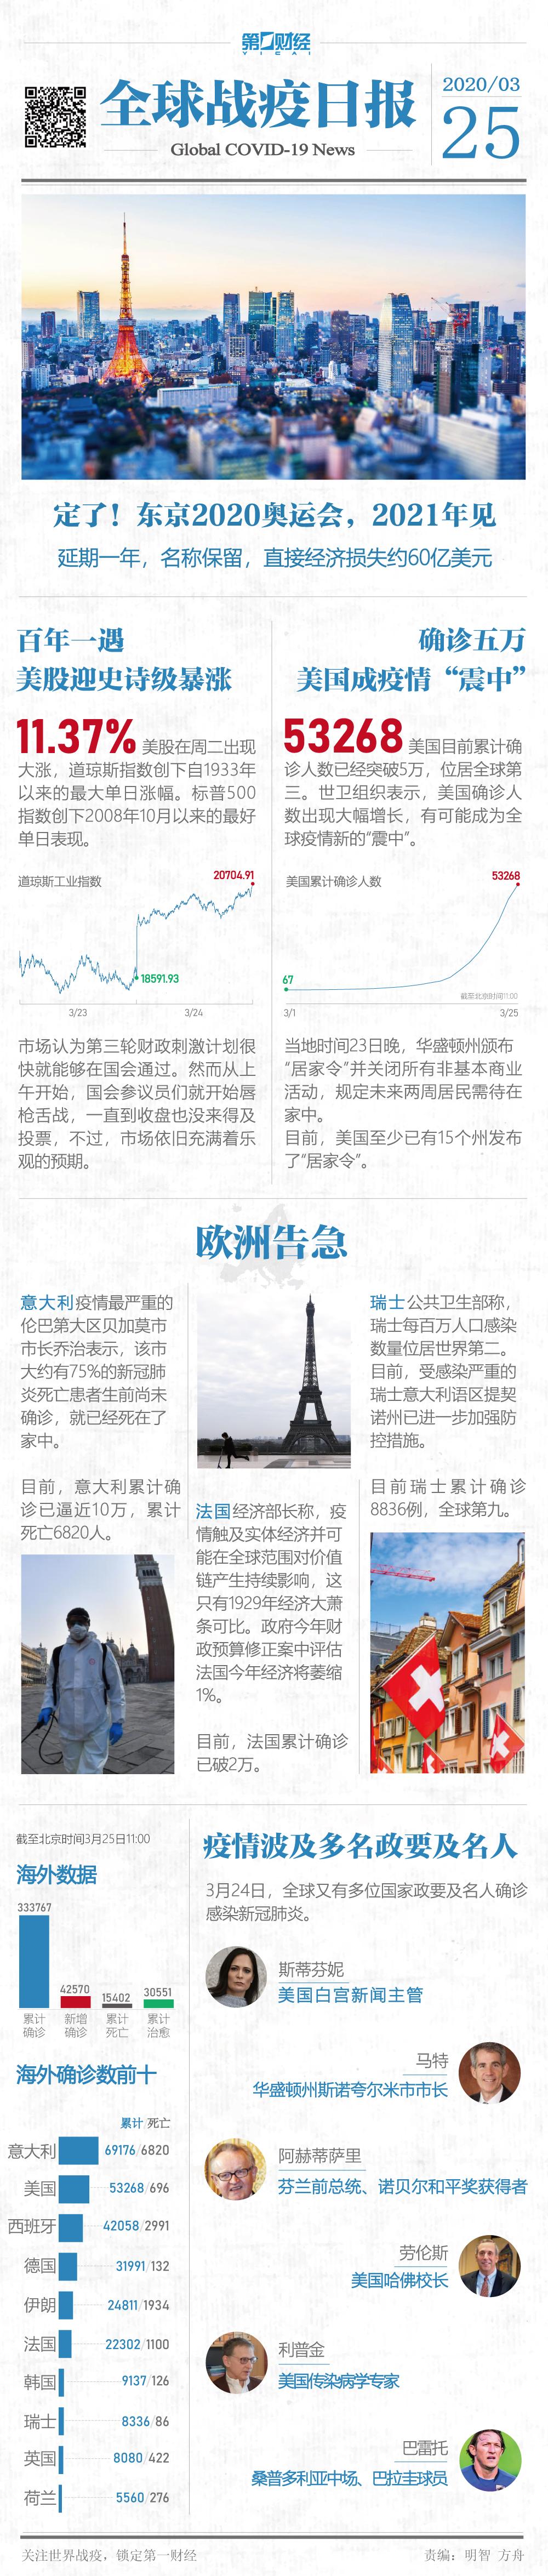 """全球战疫日报丨东京奥运明年见,美国或成疫情新""""震中"""""""